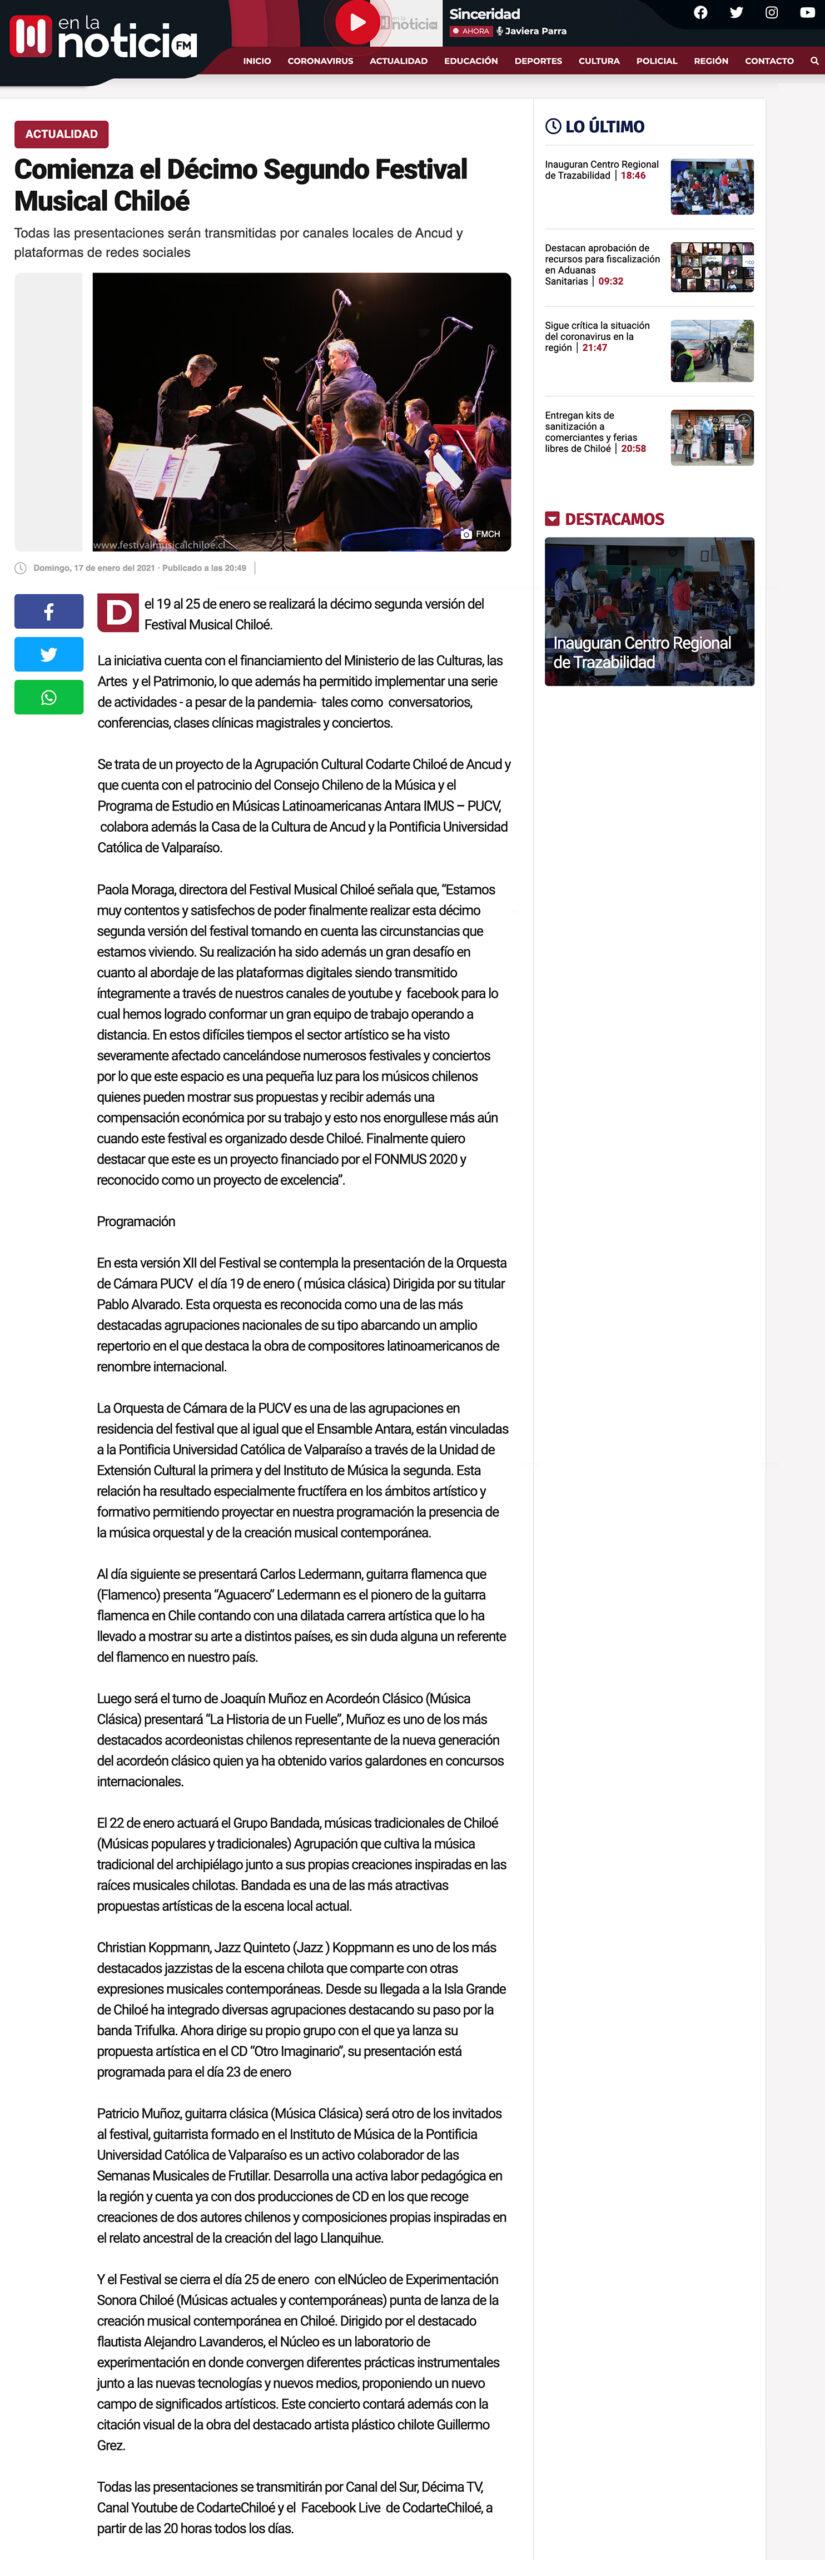 EnLaNoticia-17-01-2021